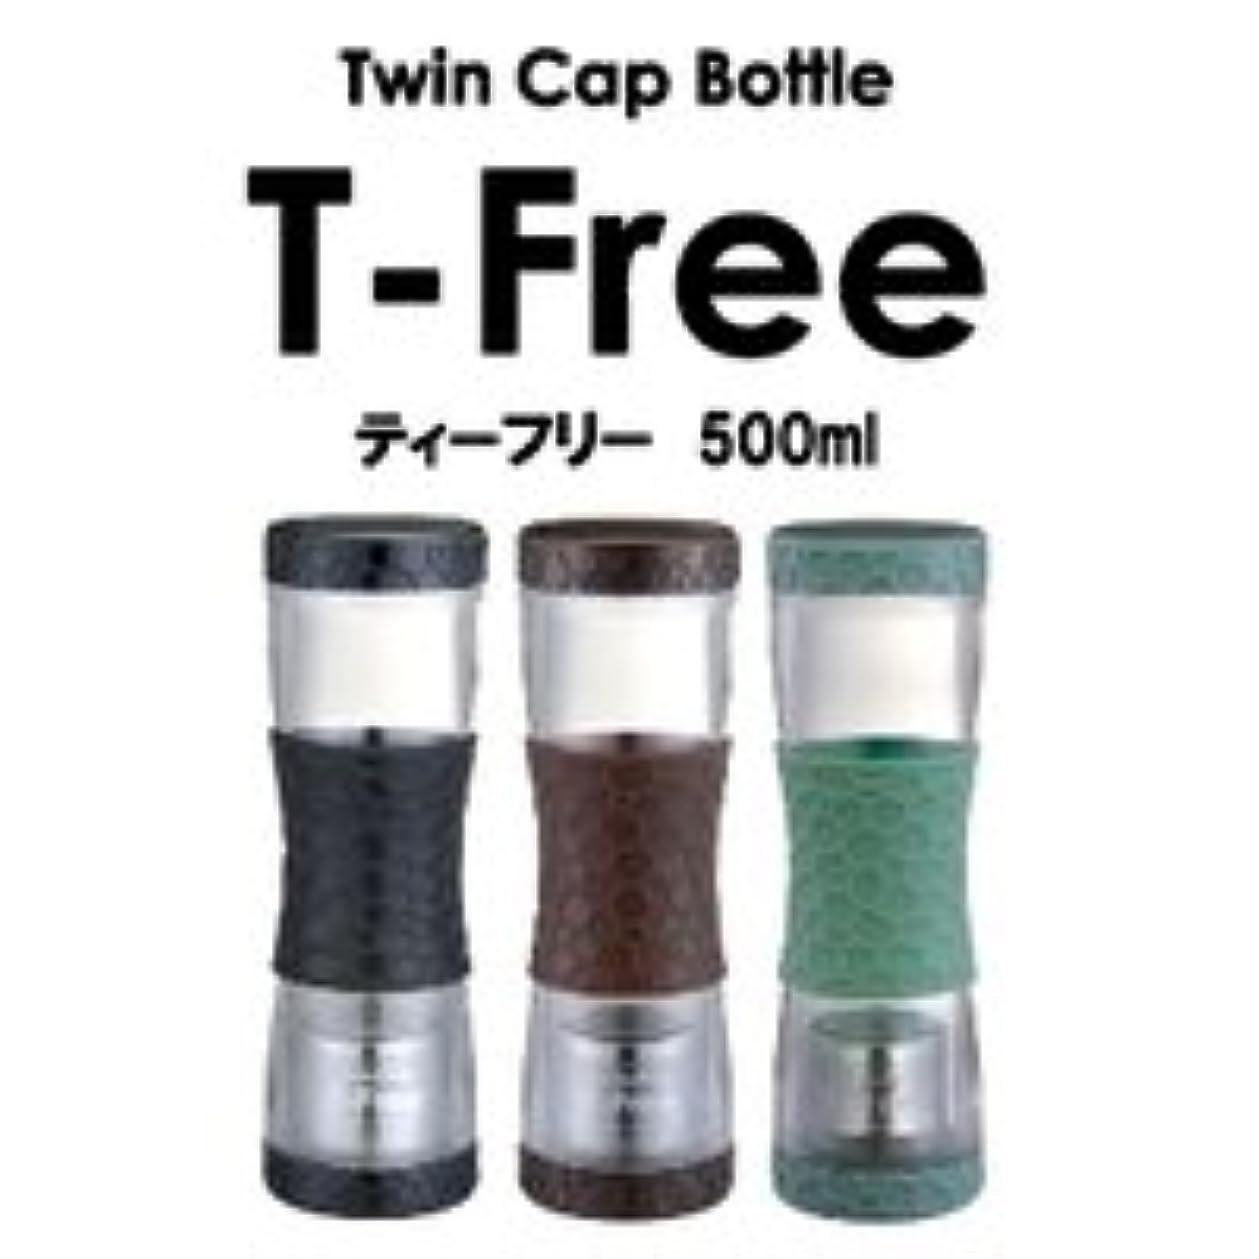 適性アベニュー制限ティーフリー500ml T-Free (カラー:グリーン) ※使い方自由なツインキャップボトル